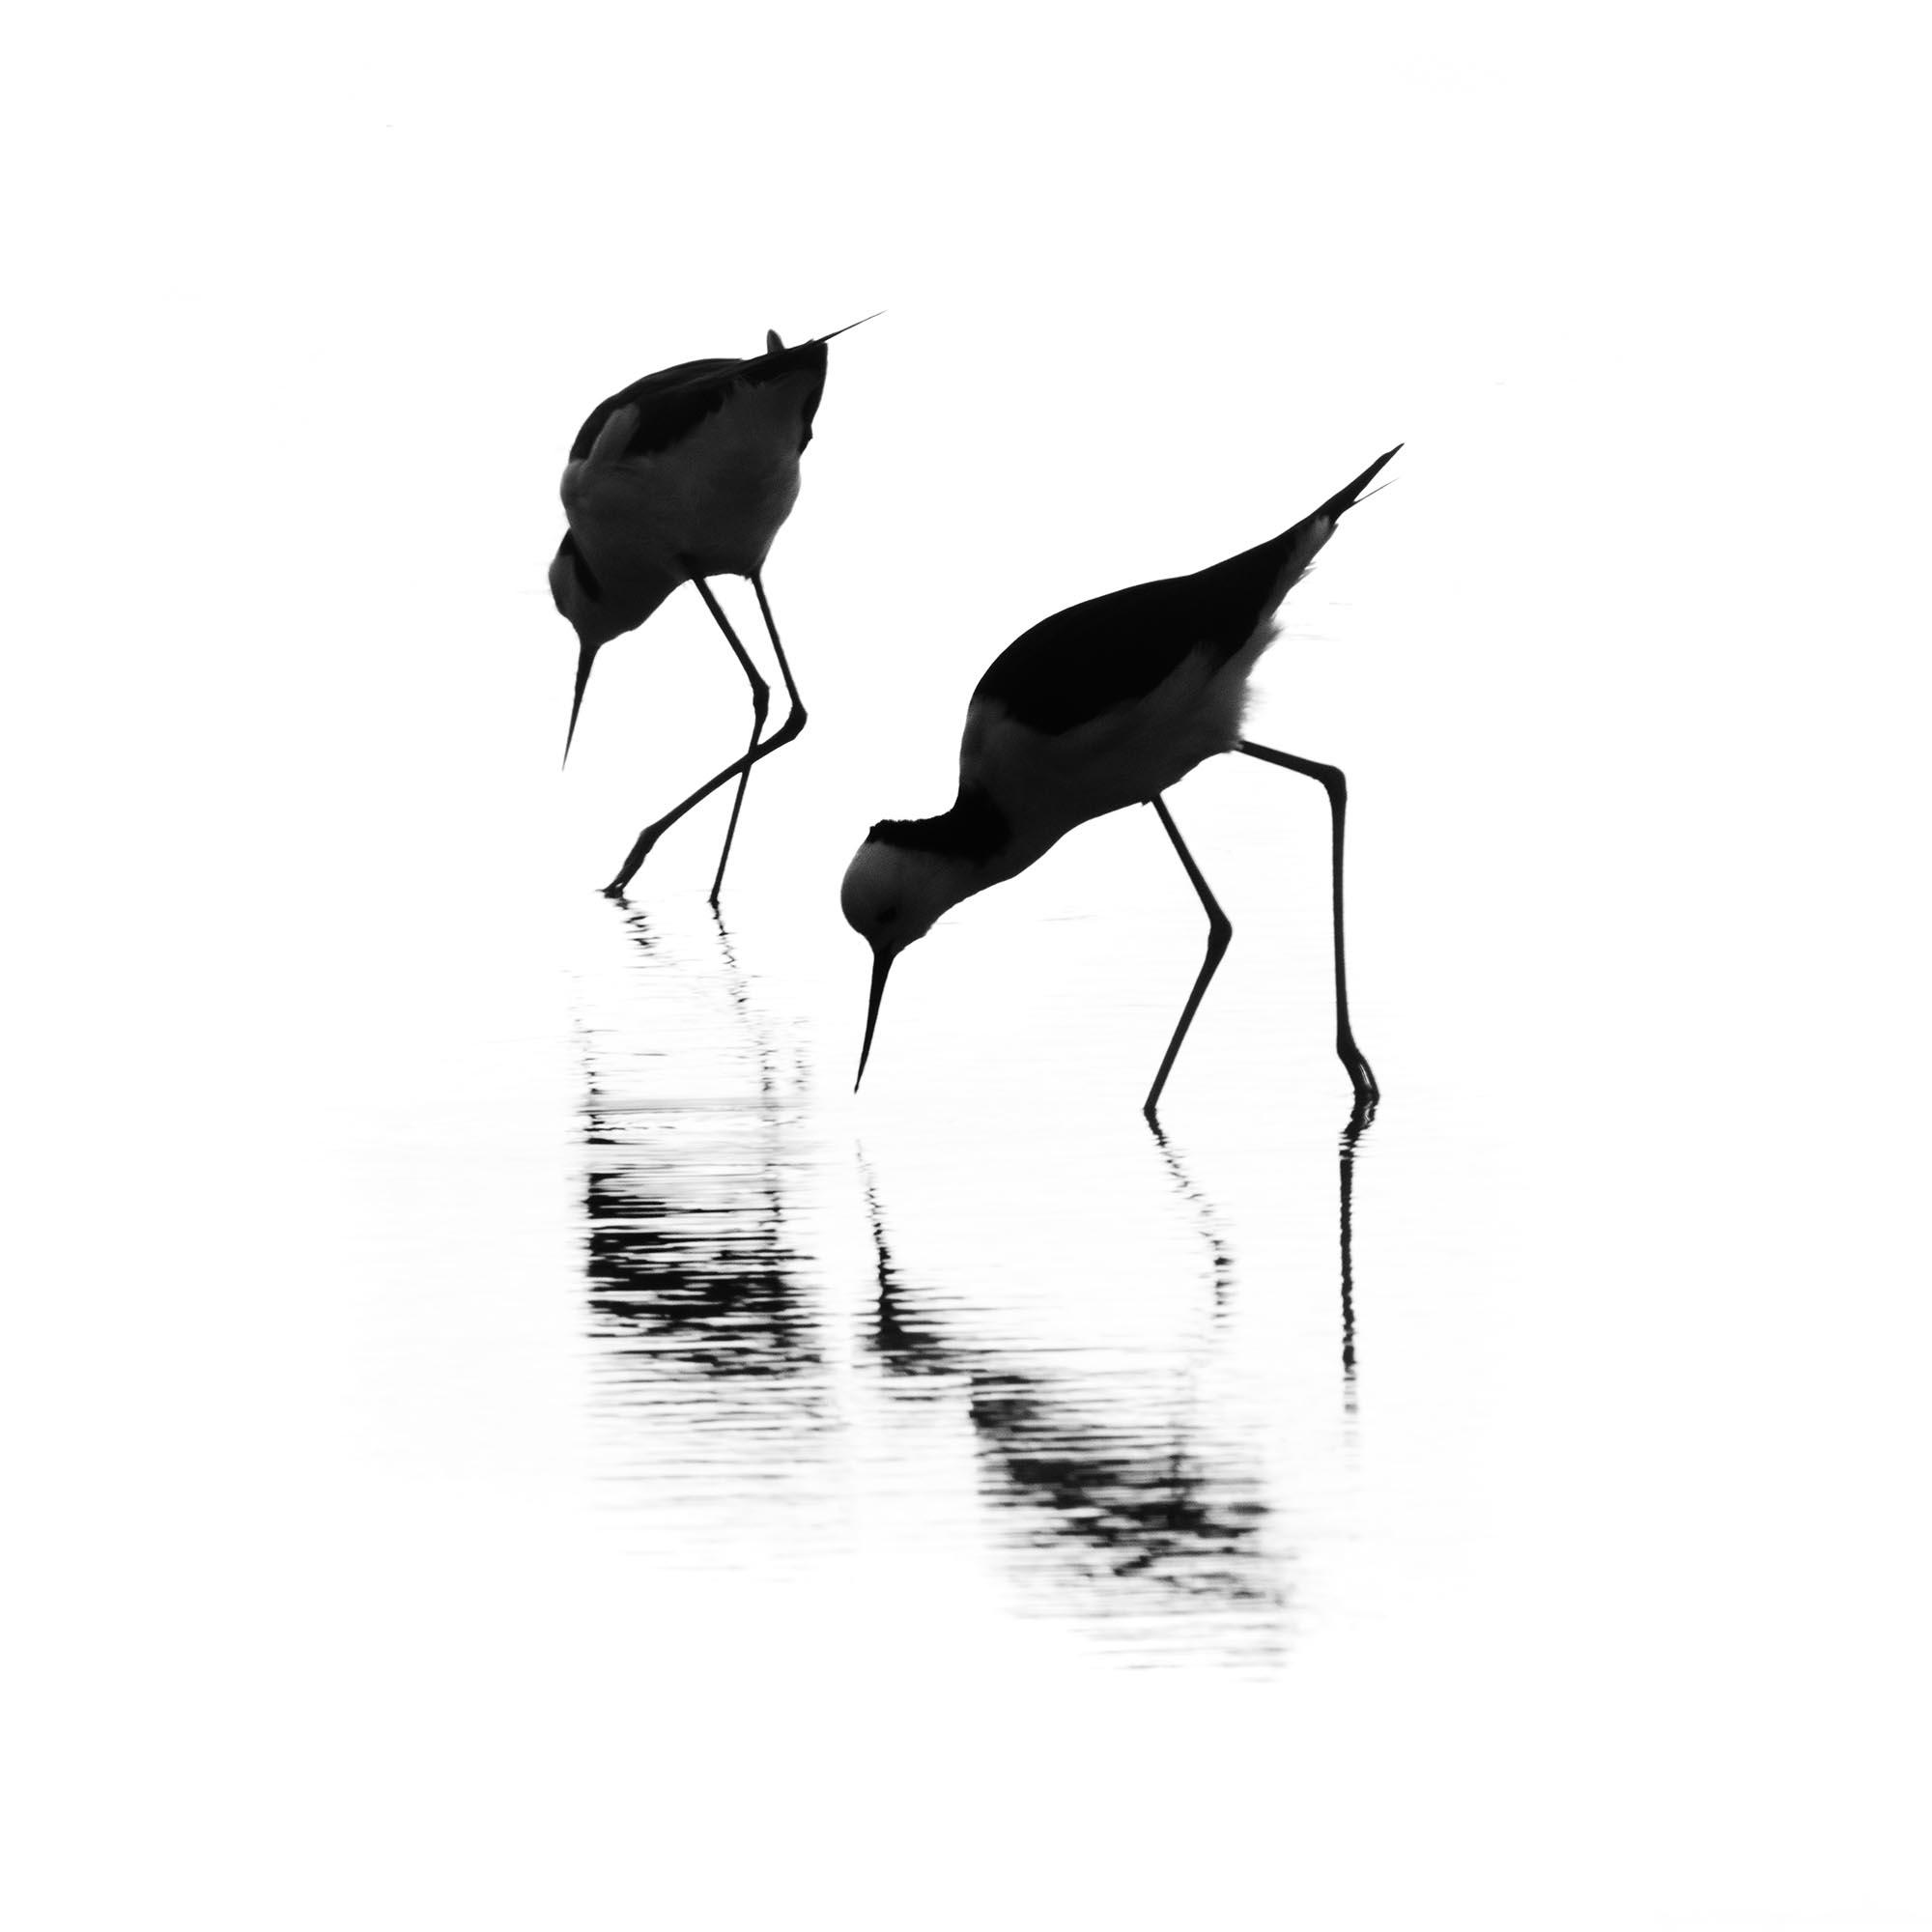 Ross Spirou_banded stilts.jpg